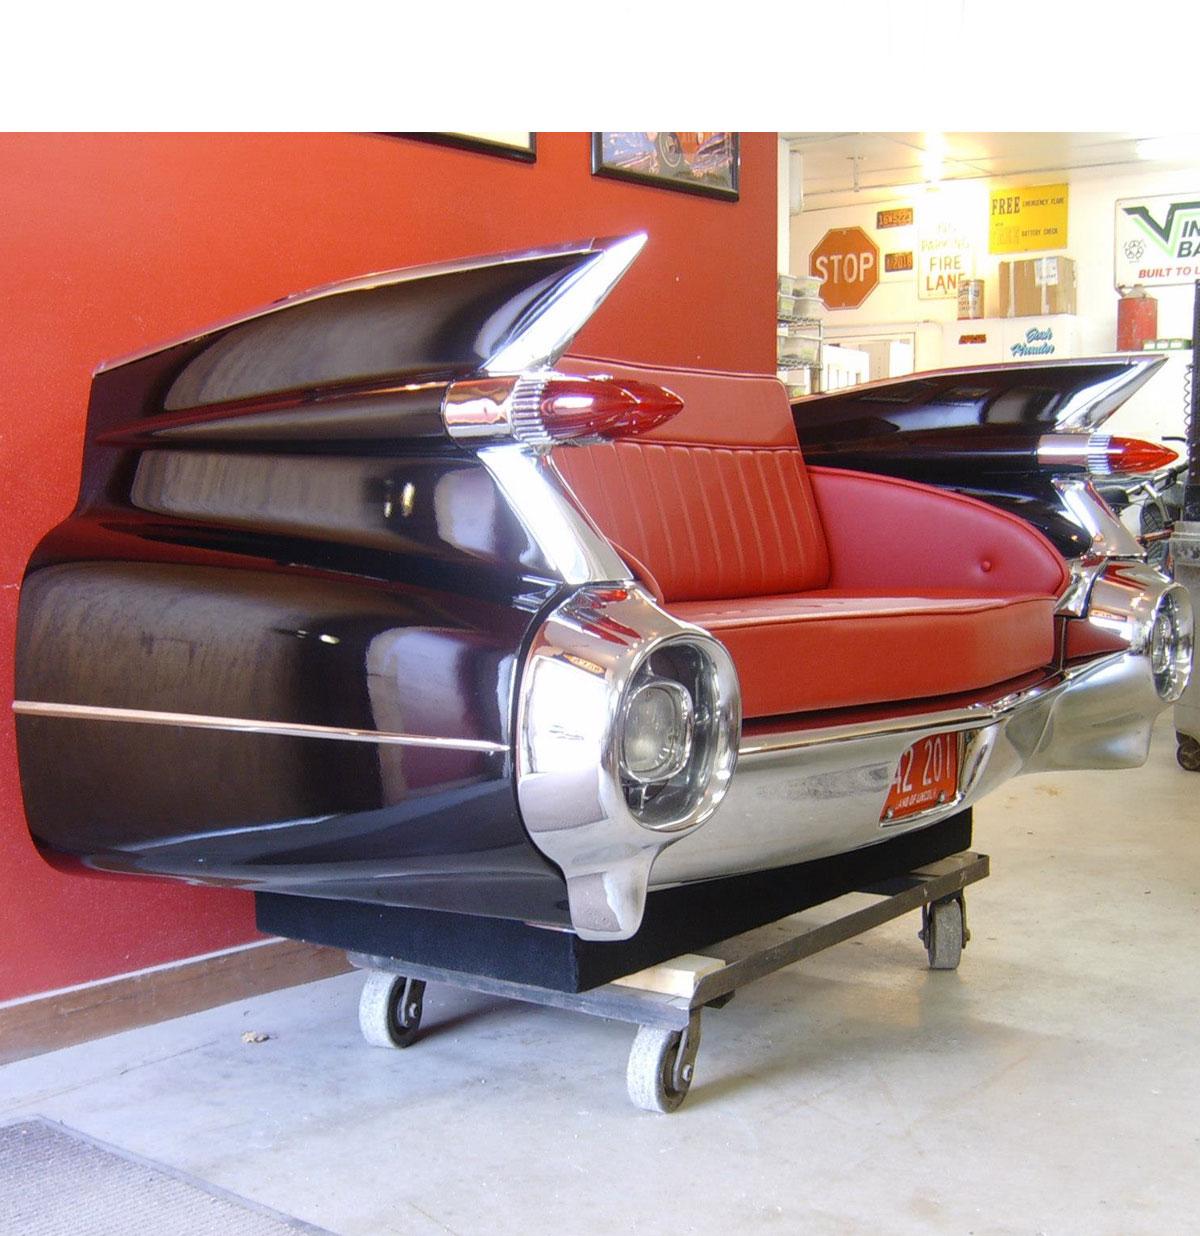 1959 Cadillac Bank Zwart - Van een echte auto